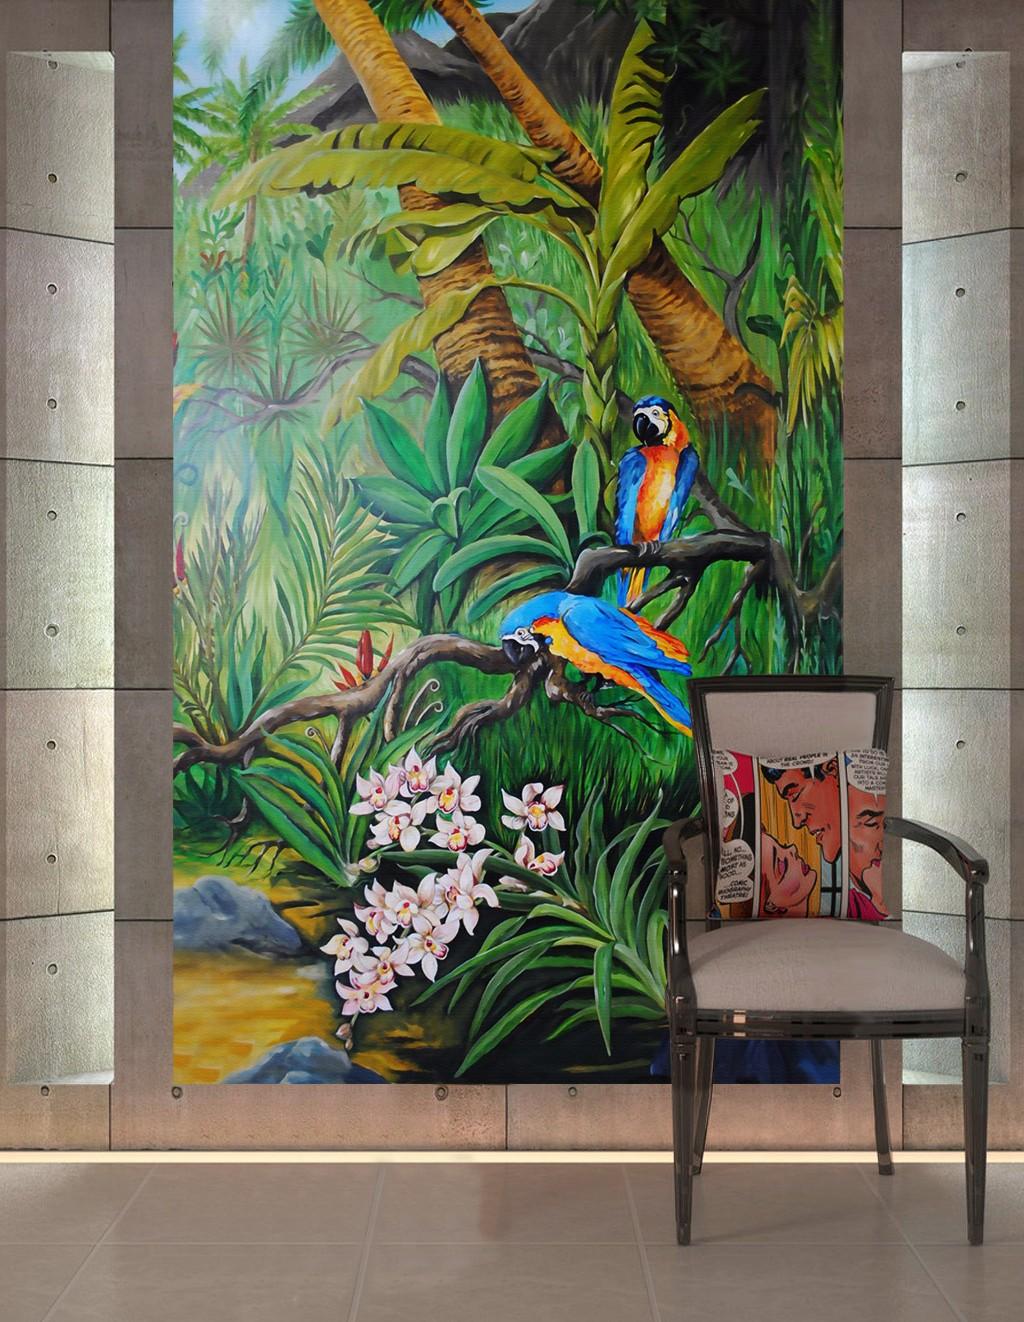 Papier Peint Avec Perroquet paysage tropical format vertical - les perroquets dans la jungle avec les  orchidées